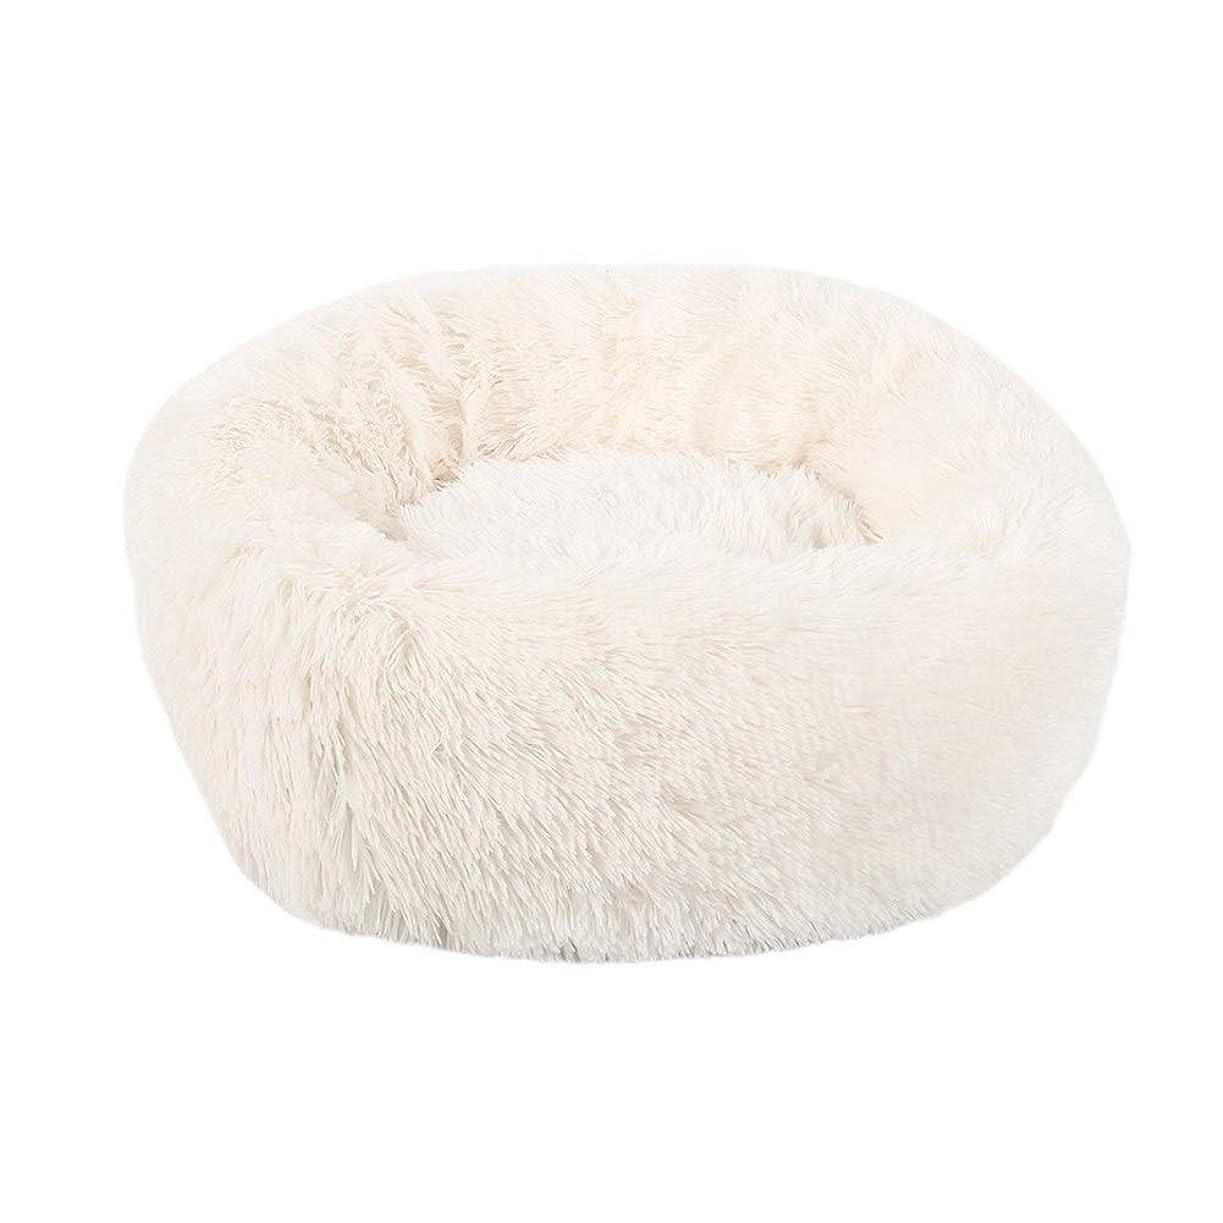 磁石裏切り暗くするJIANYI JP バッグ 子犬 犬 猫 クッション マット ペット用品 スリーピング ソフト 犬 ベッド グレー 冬 暖かい (Color : Light Grey, Size : 60x20cm)